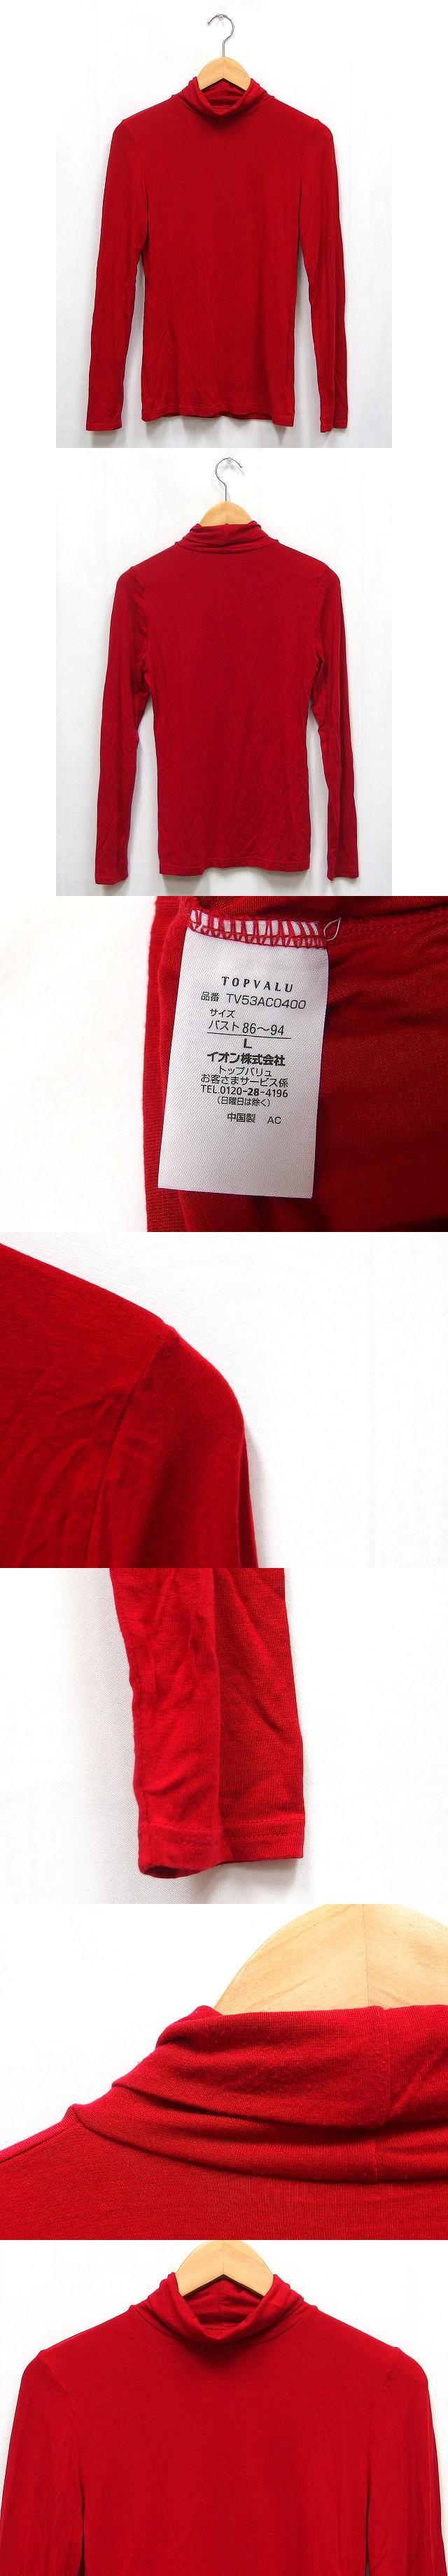 カットソー トップス タートルネック 長袖 無地 ストレッチ シンプル L レッド 赤 /CT 秋冬